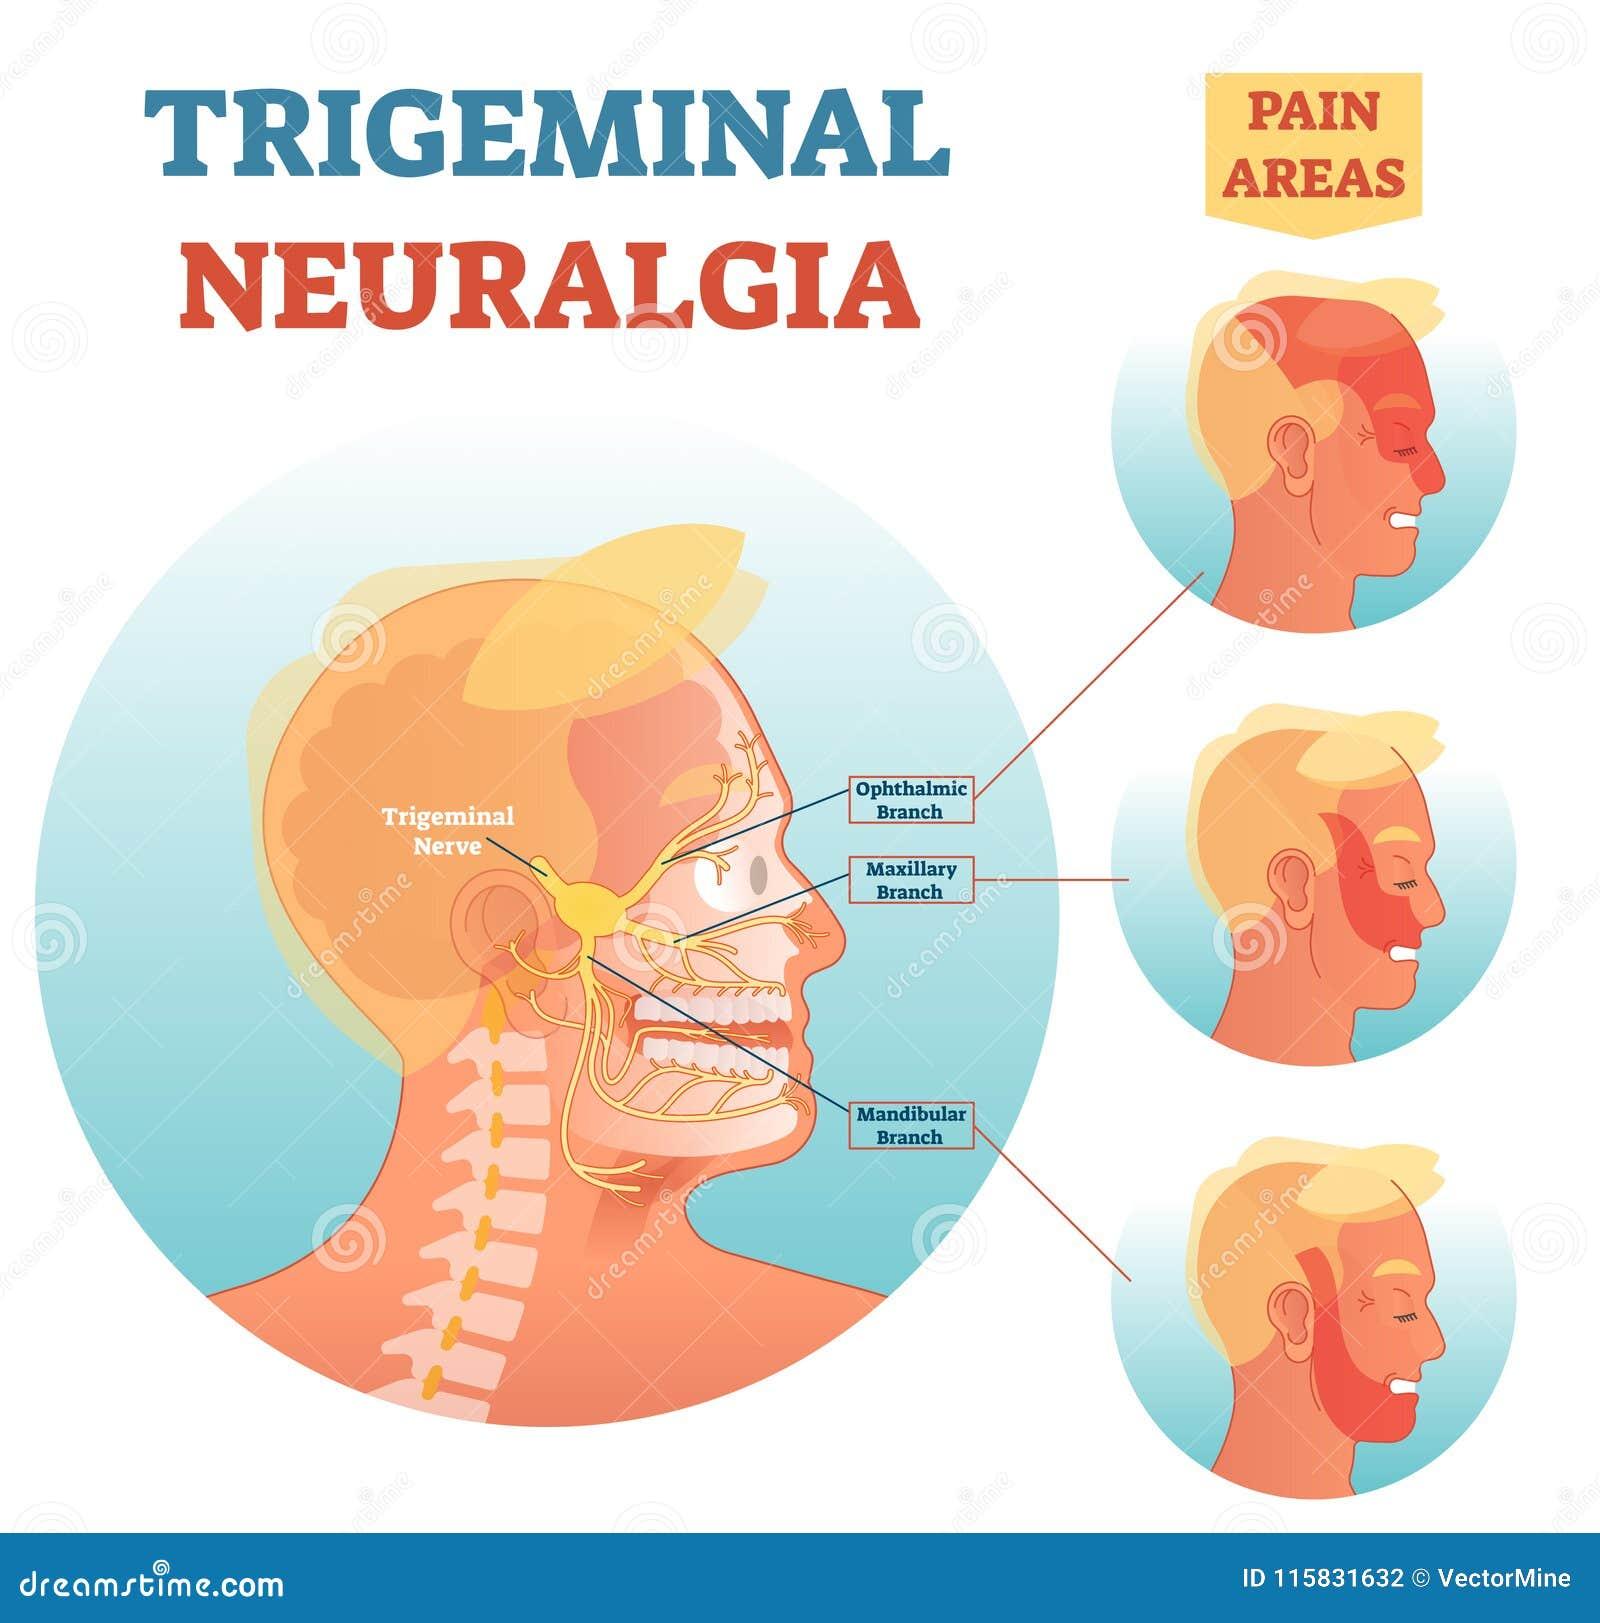 Τριεμβρυικό νευραλγιών ιατρικό διατομής διάγραμμα απεικόνισης ανατομίας διανυσματικό με τις του προσώπου νευρικές περιοχές δικτύω